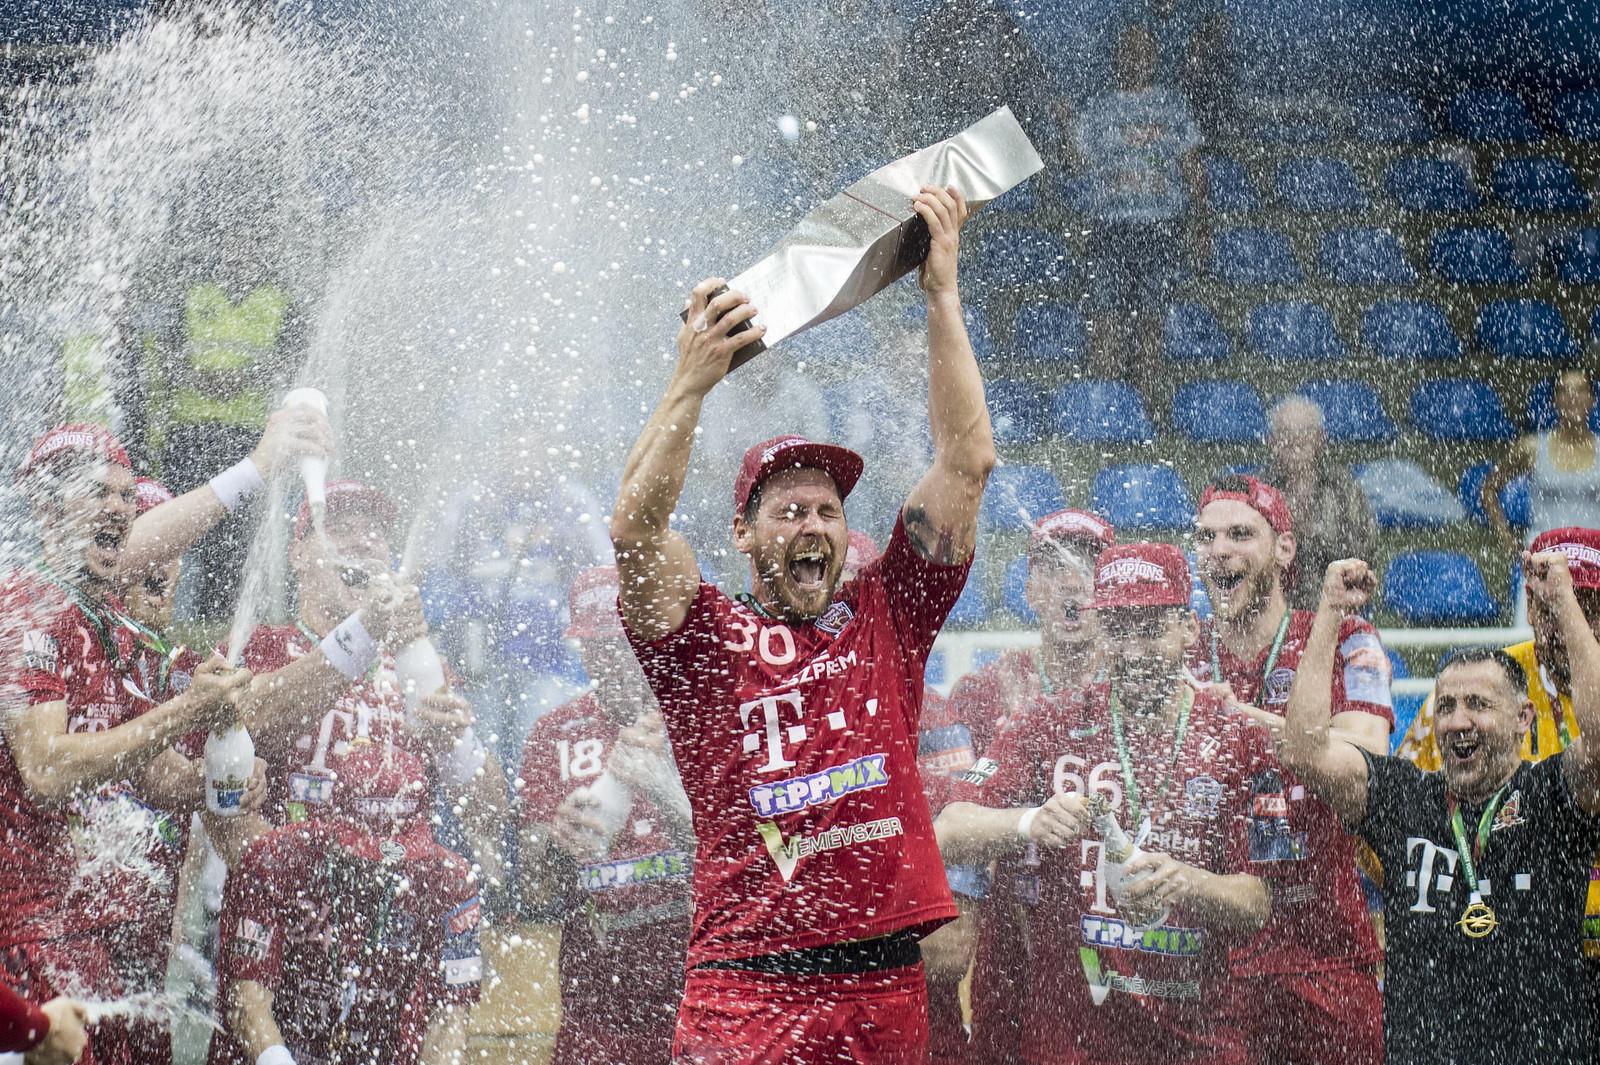 Döntetlent játszott a Szeged és a Veszprém, utóbbi nyerte a bajnokságot